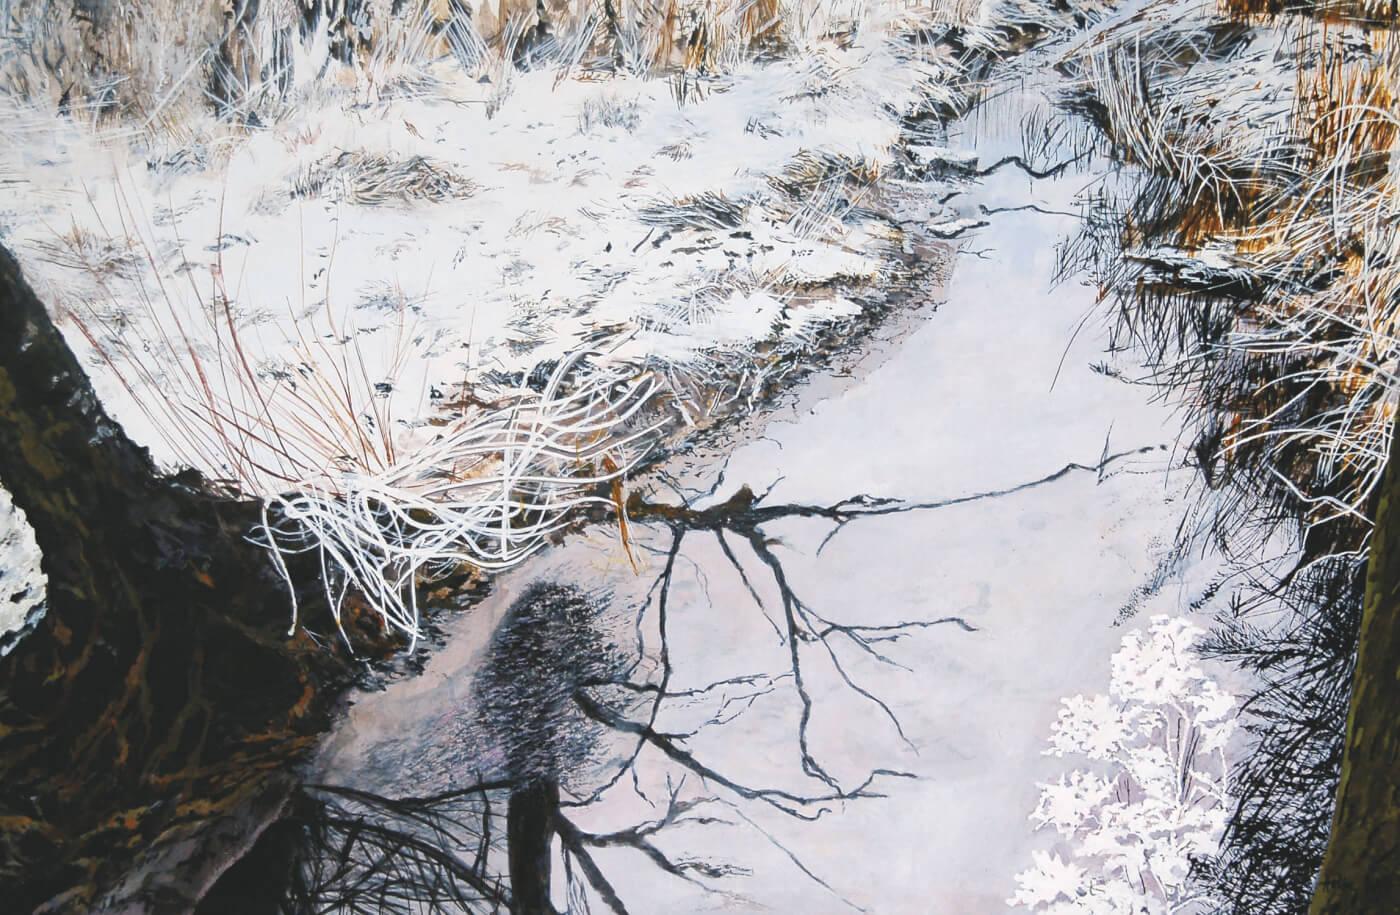 Jenisch Park, Mal-Workshop, Kunst, Winterbild, Schnee gemalt